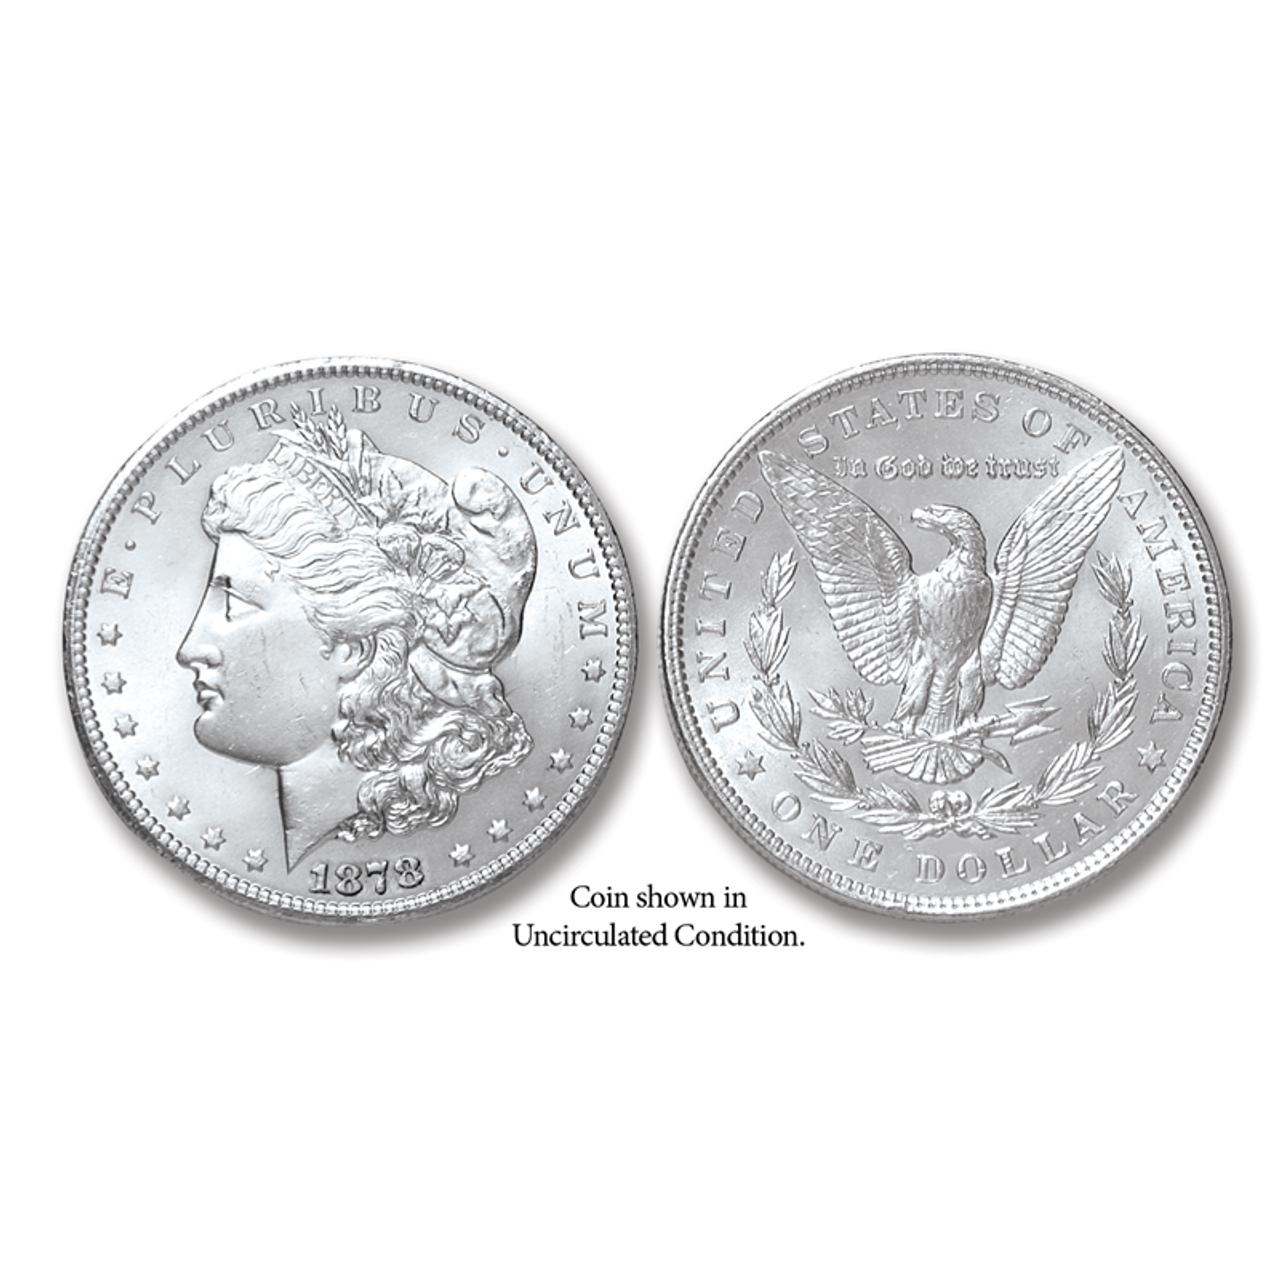 1878-P Morgan Silver Dollar - Collector's Circulated Condition